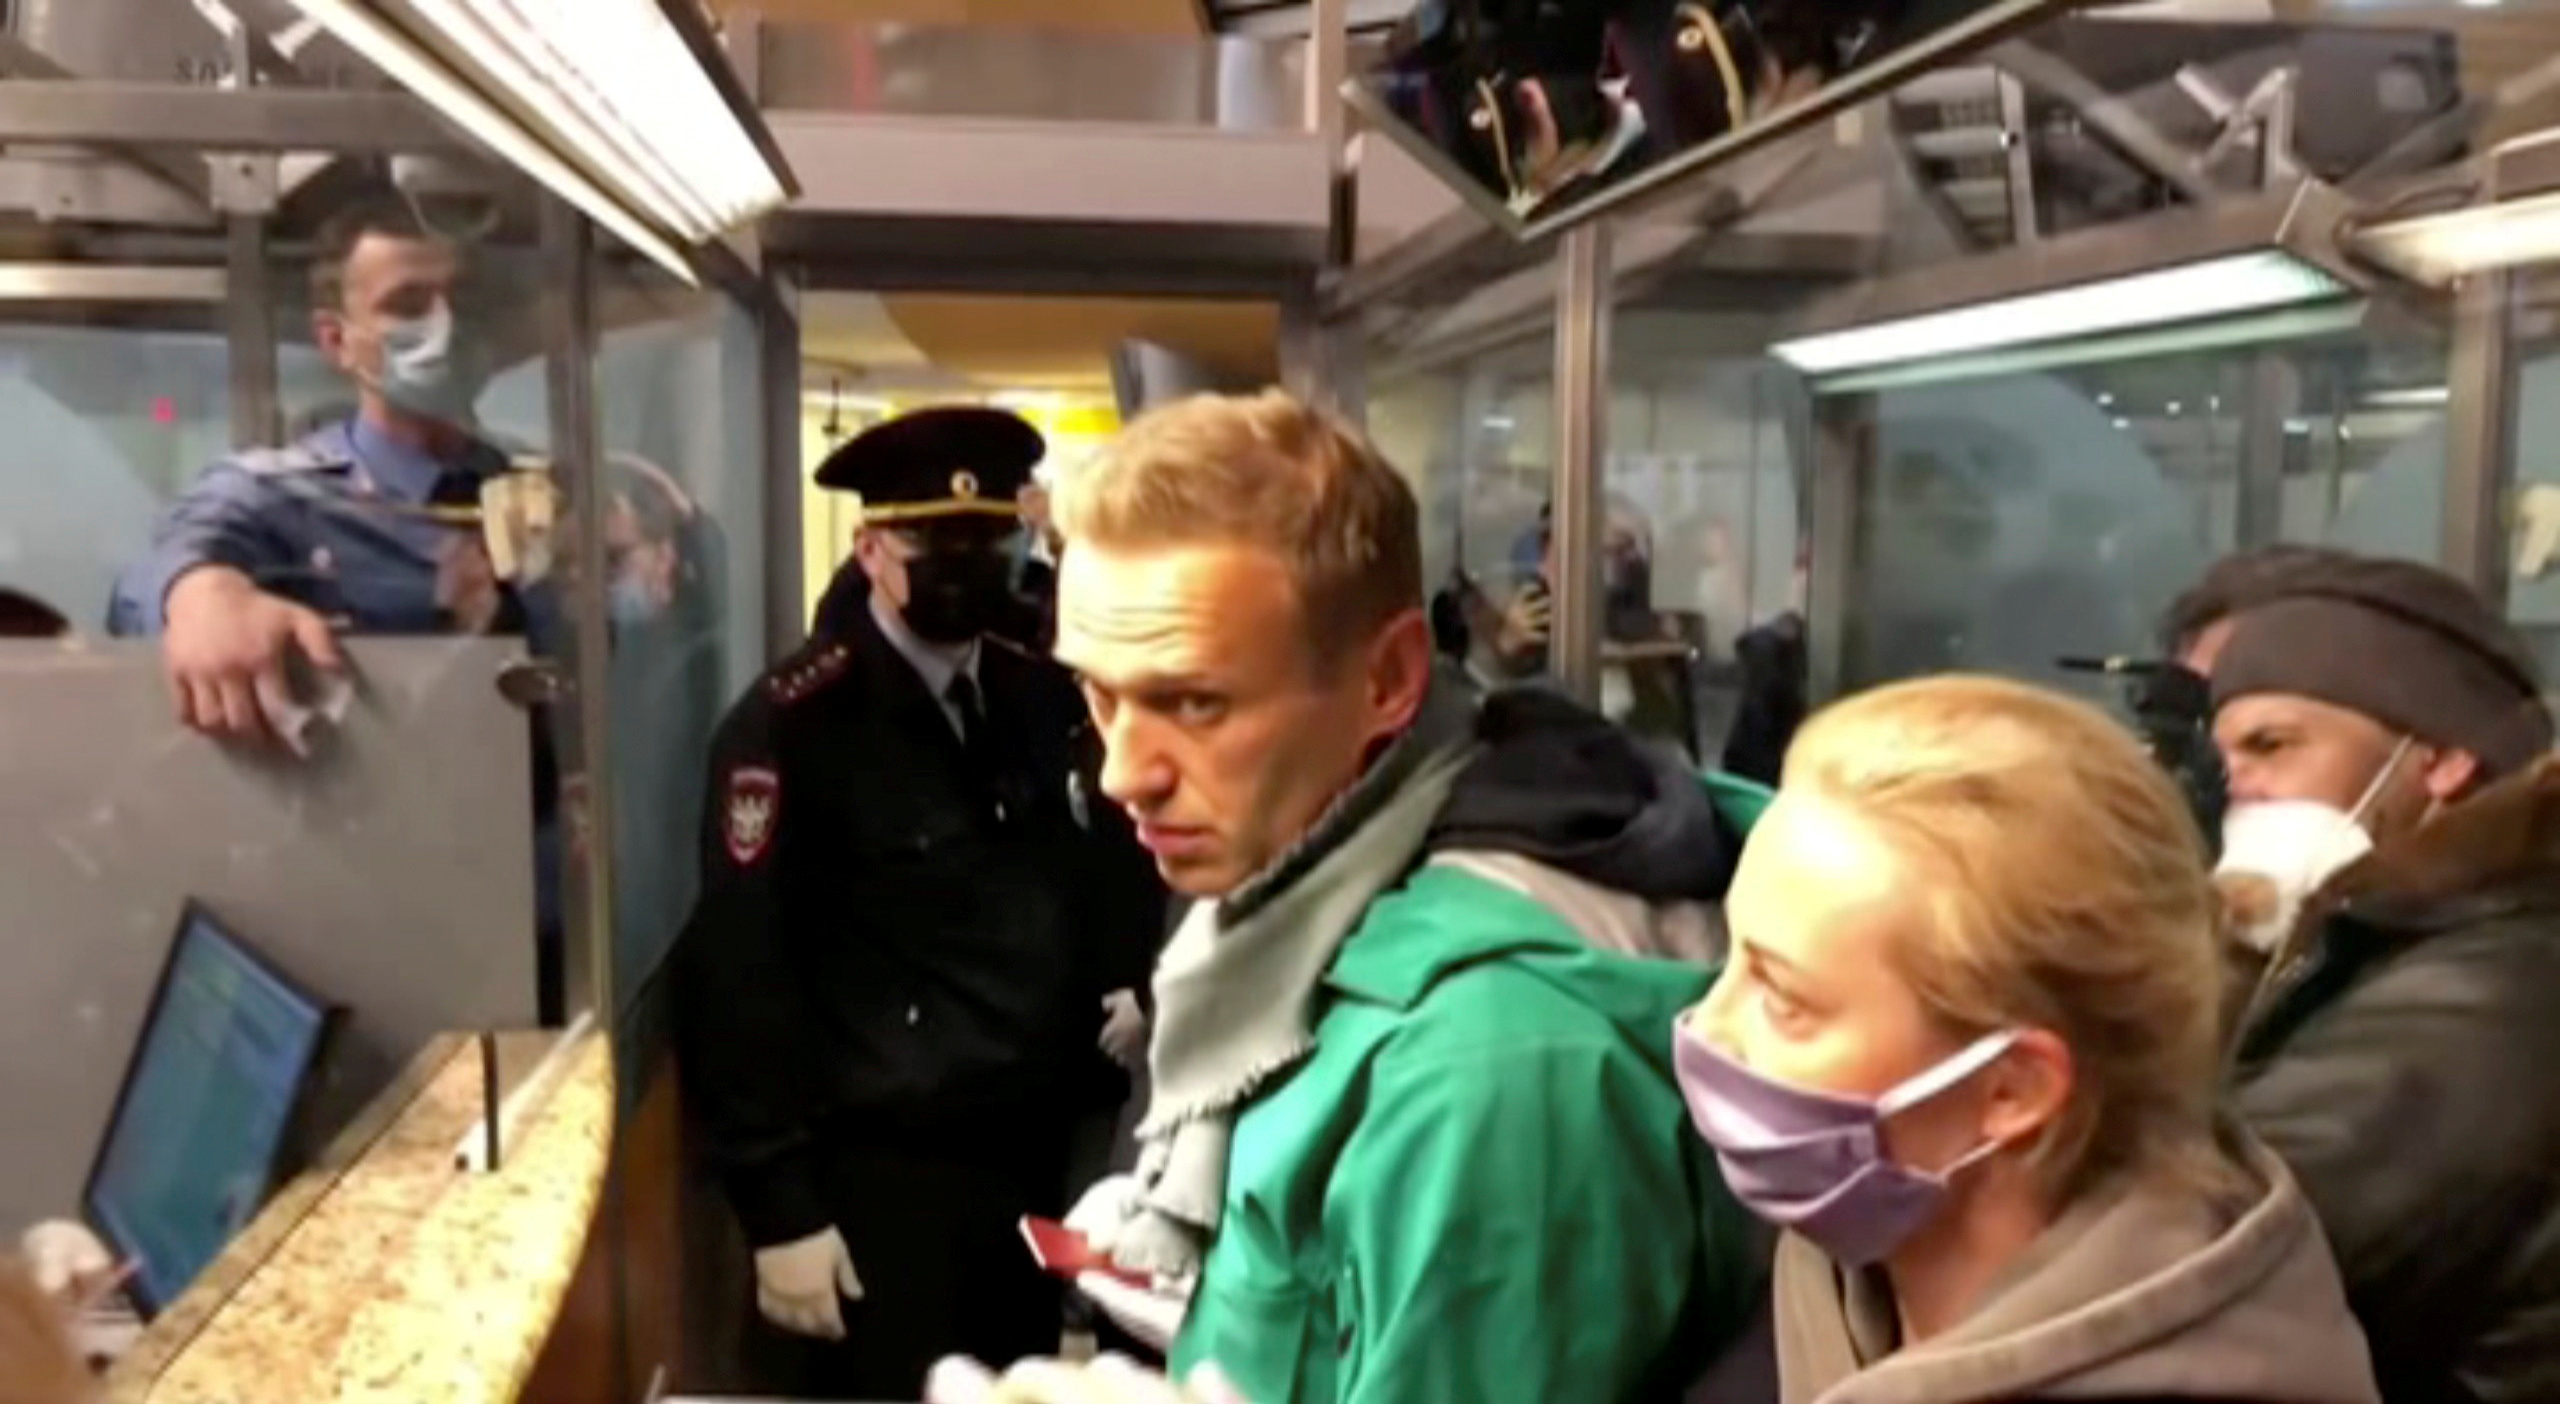 Ρωσία: Να παραμείνει στη φυλακή ο Ναβάλνι αποφάσισε το δικαστήριο